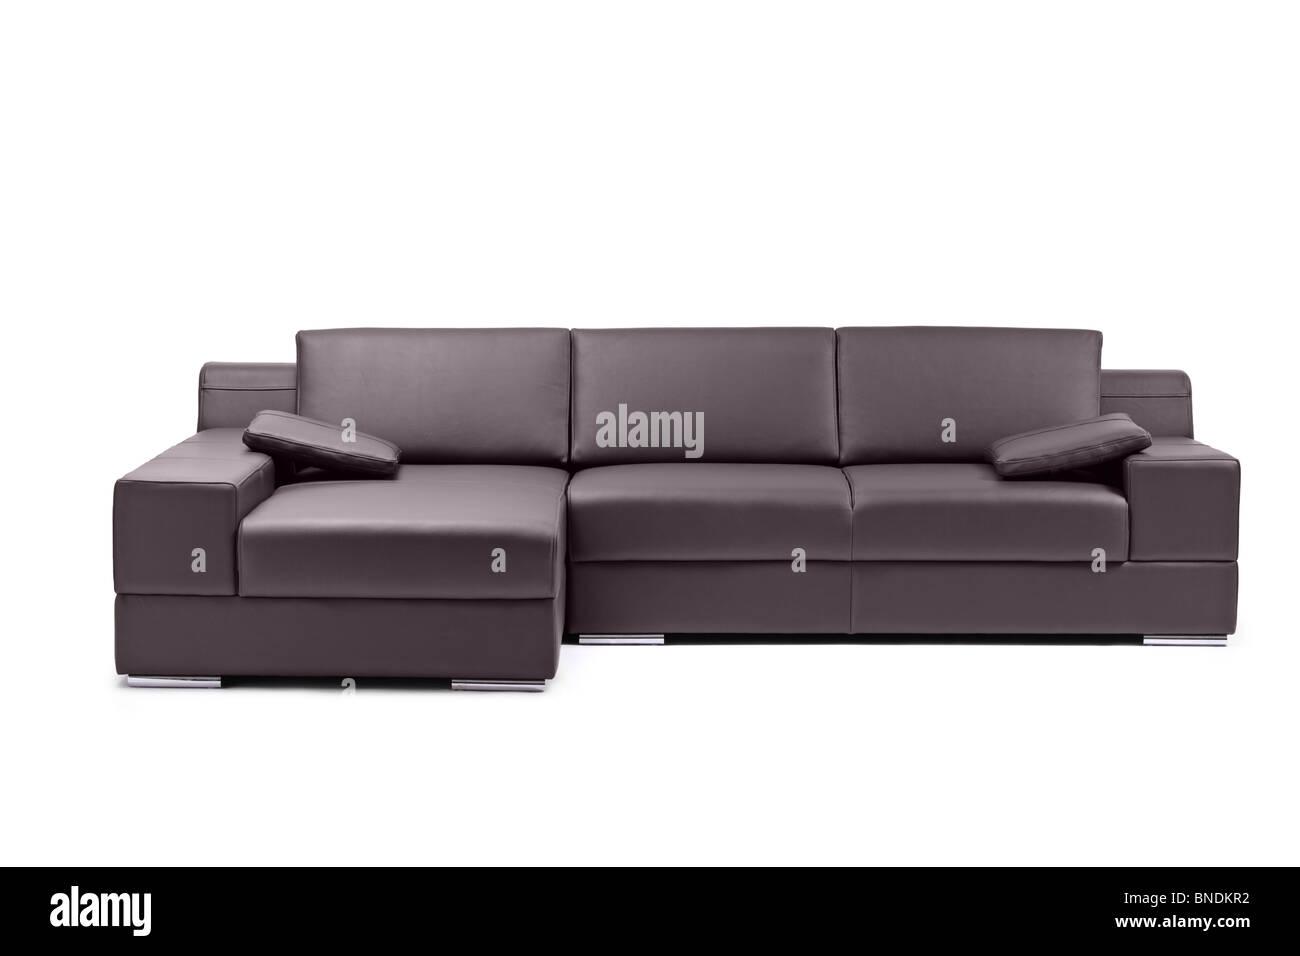 Un moderno divano in pelle nera Immagini Stock